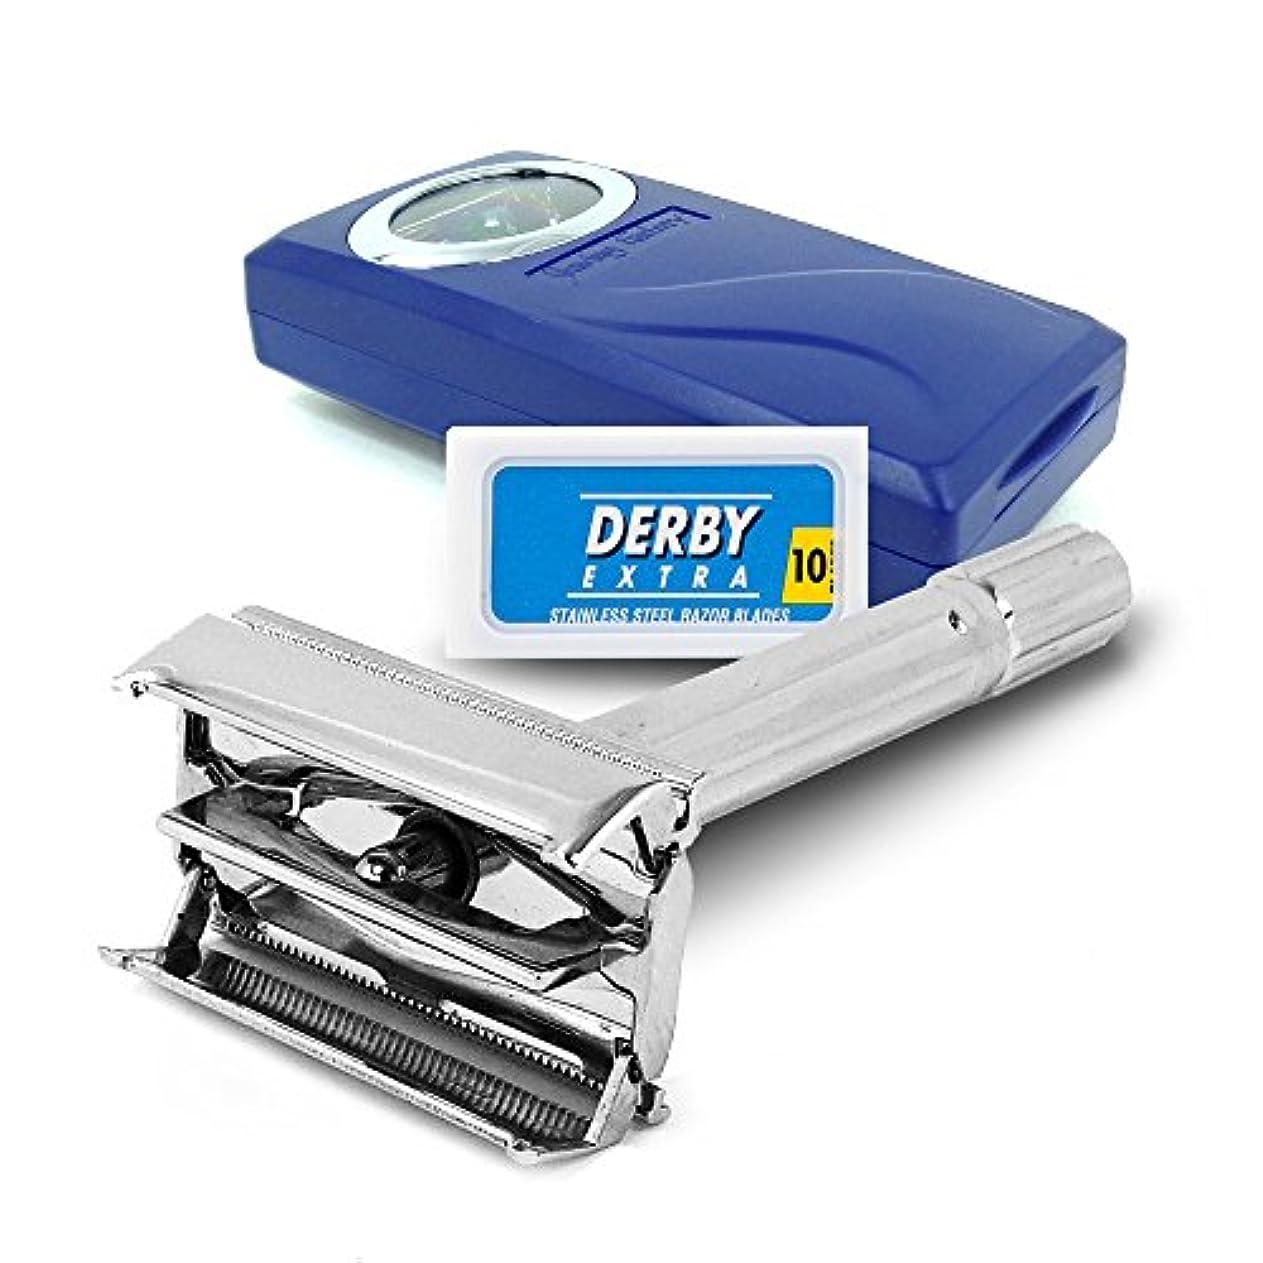 エール暗くするリスキーなSF120−シェービングファクトリー 安全剃刀両刃ホルダー、ダービーエキストラ剃刀両刃 男性へのご贈答に